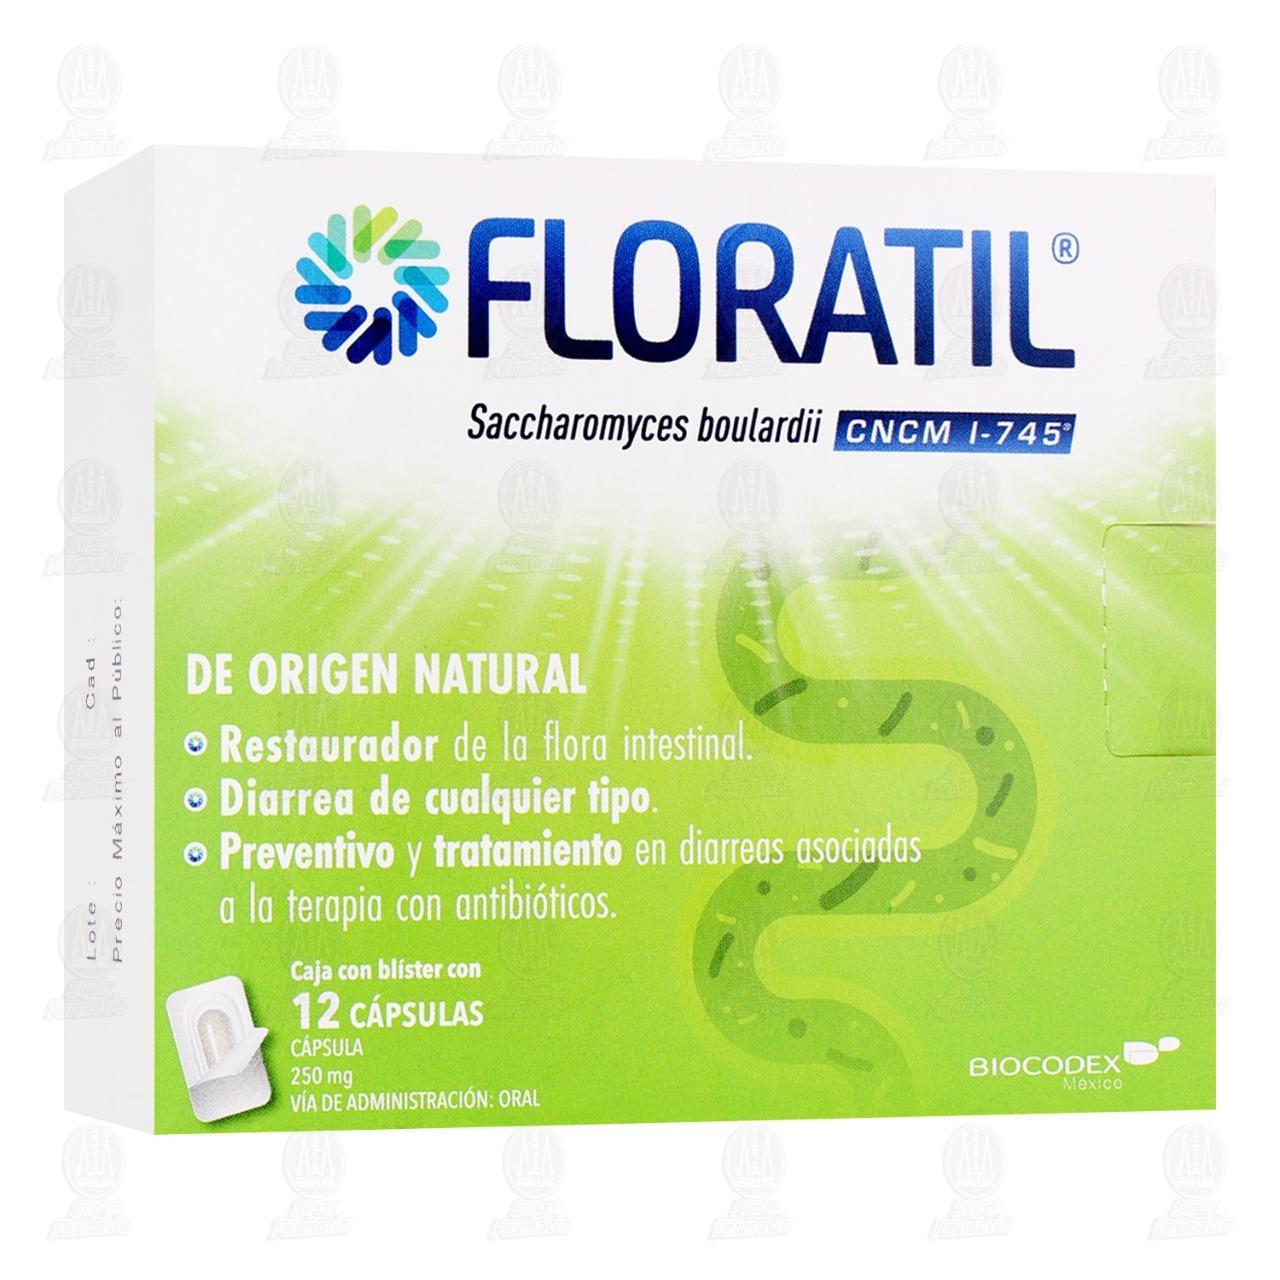 Comprar Floratil 250mg 12 Cápsulas en Farmacias Guadalajara